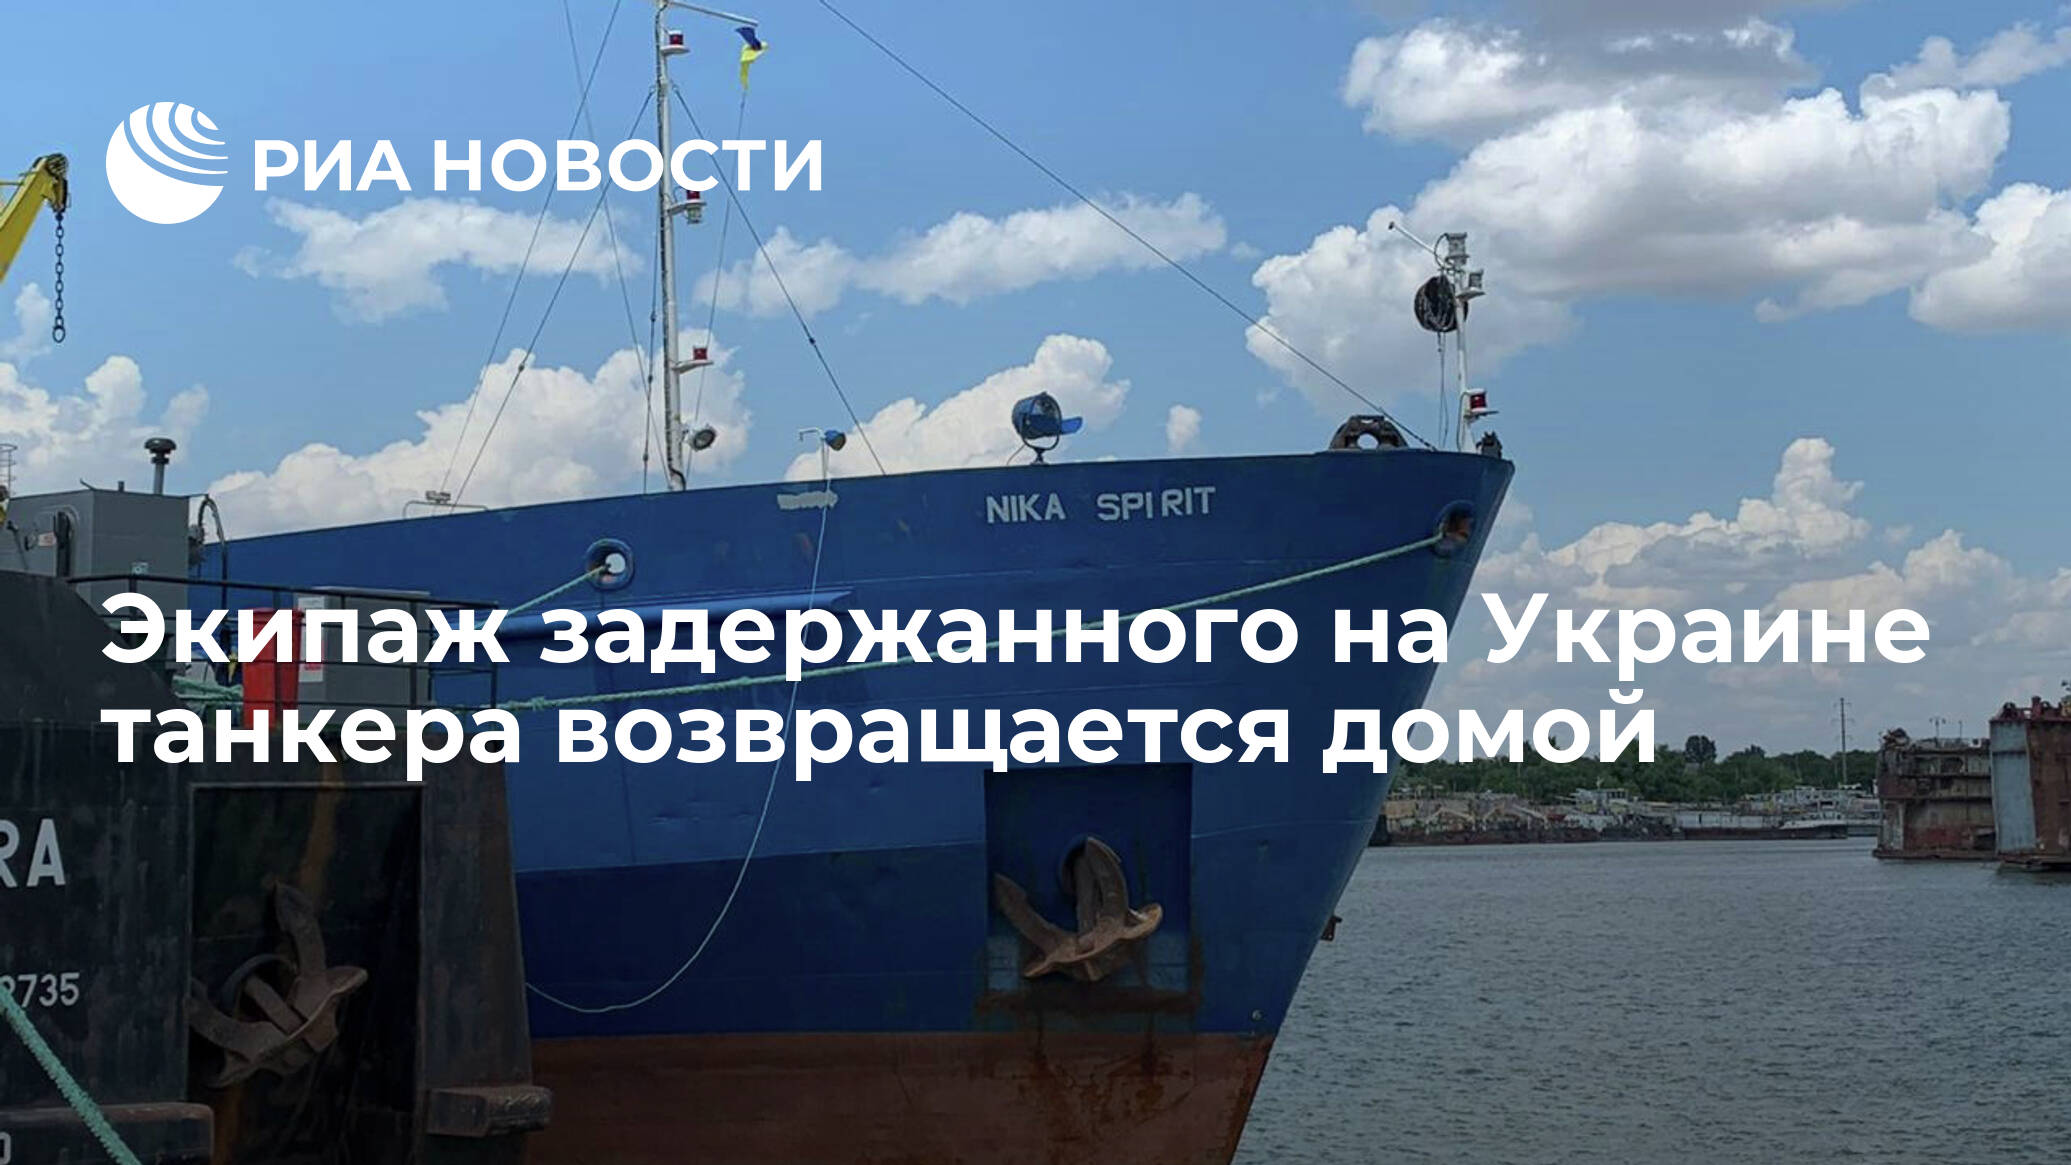 Экипаж задержанного на Украине танкера возвращается домой